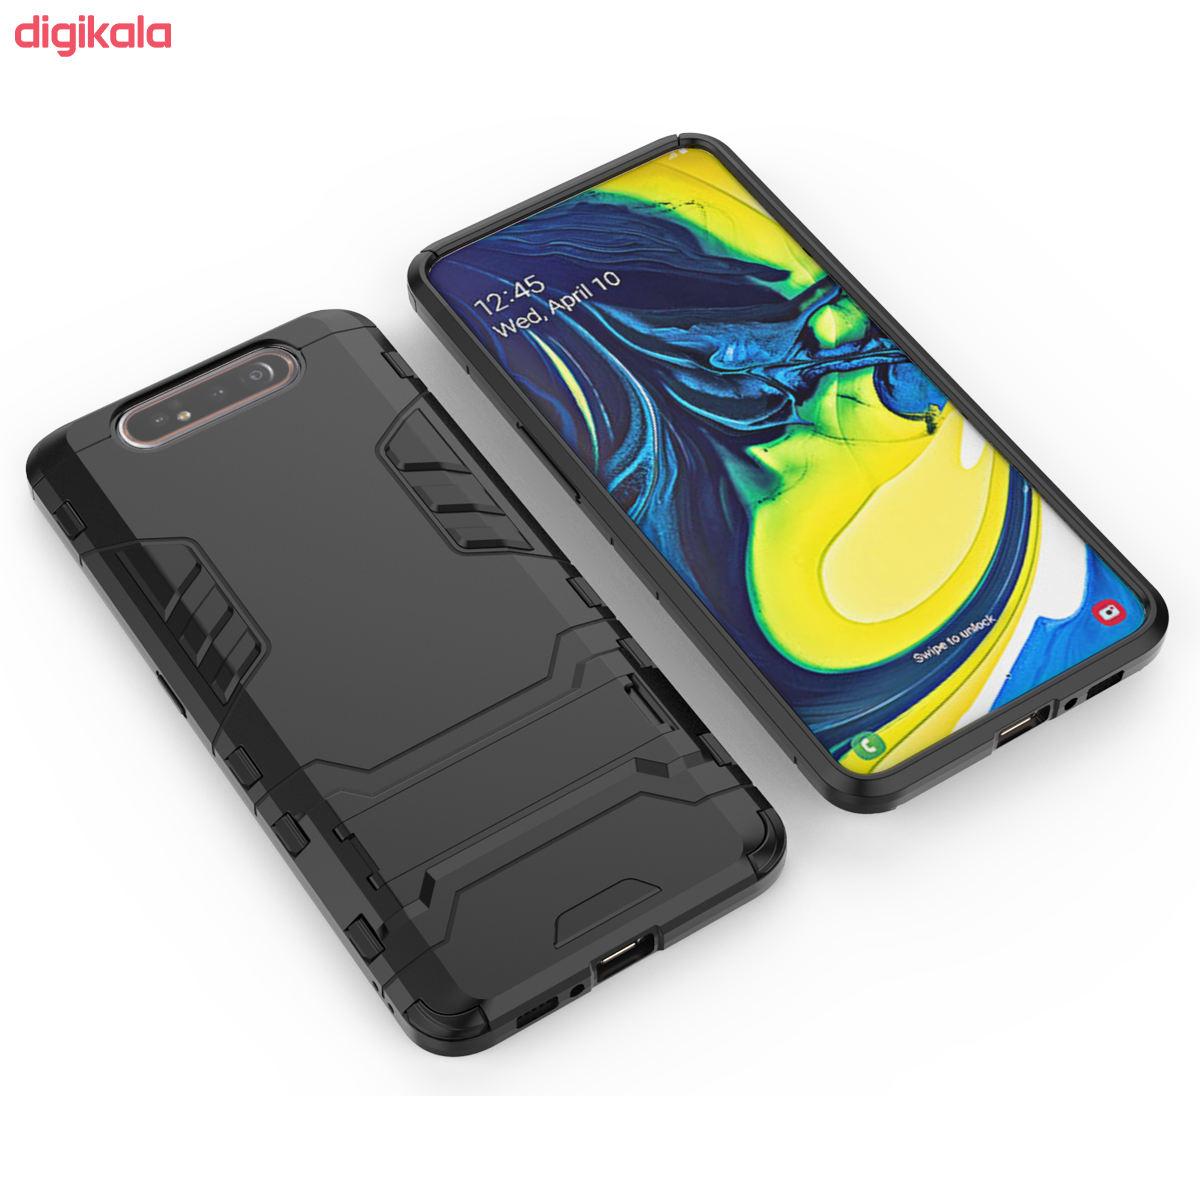 کاور مدل Sidekick مناسب برای گوشی موبایل سامسونگ Galaxy A80/A90